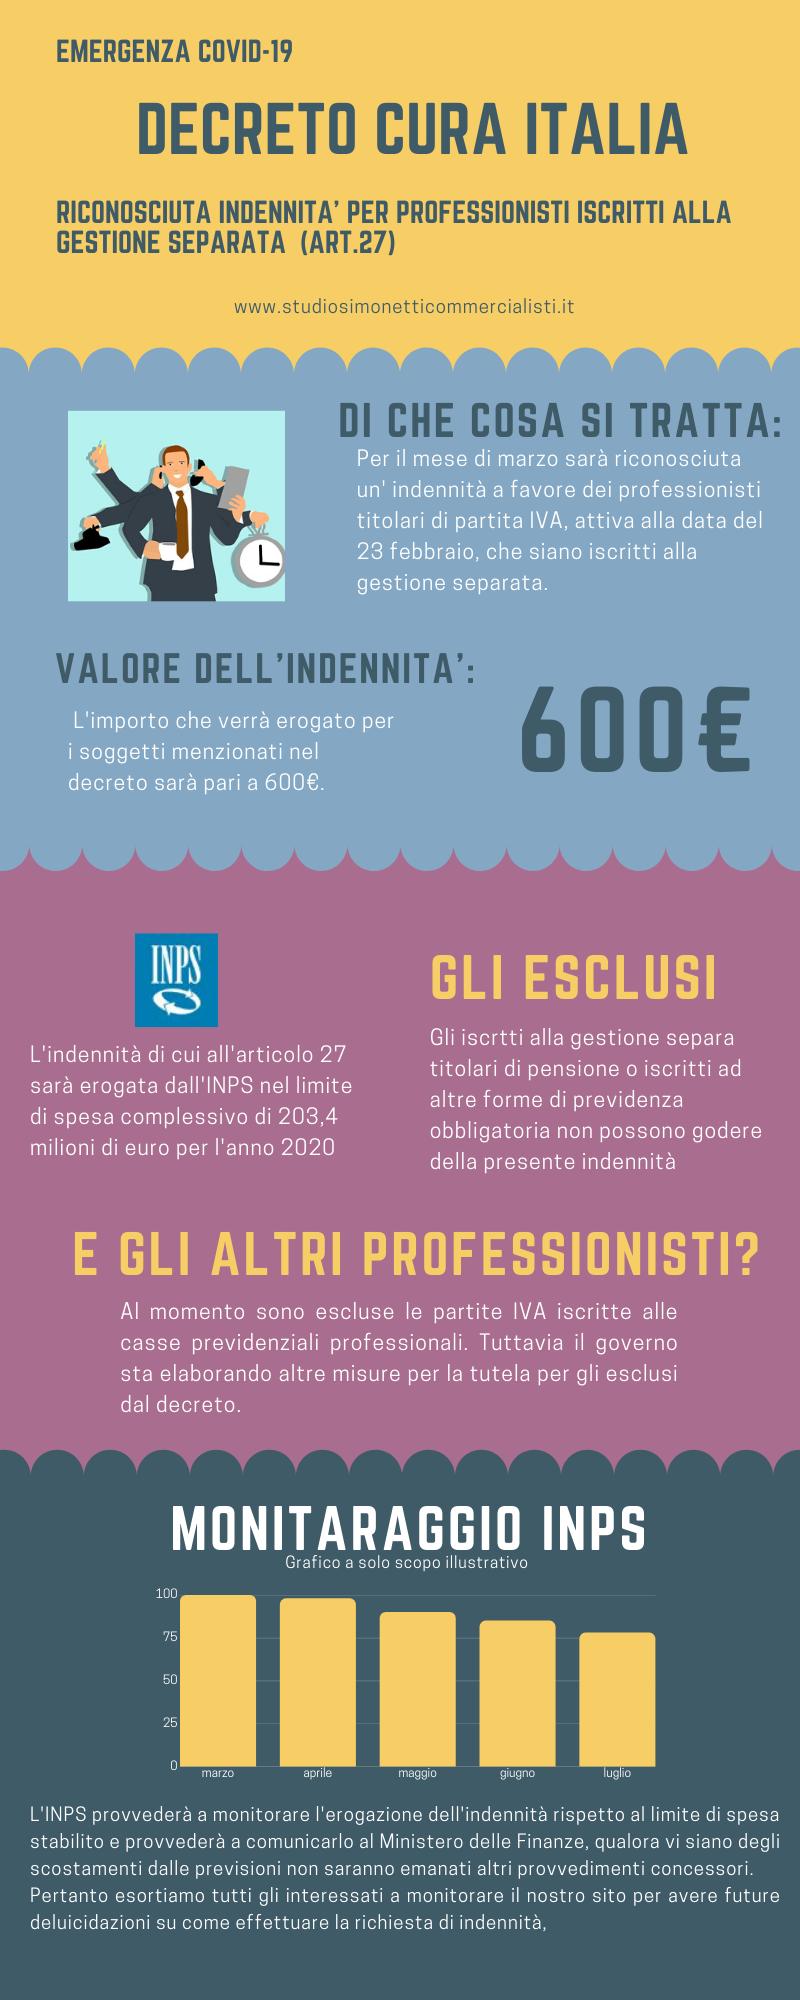 DECRETO-LEGGE 17 marzo 2020, n. 18: indennità di 600 euro per i professionisti